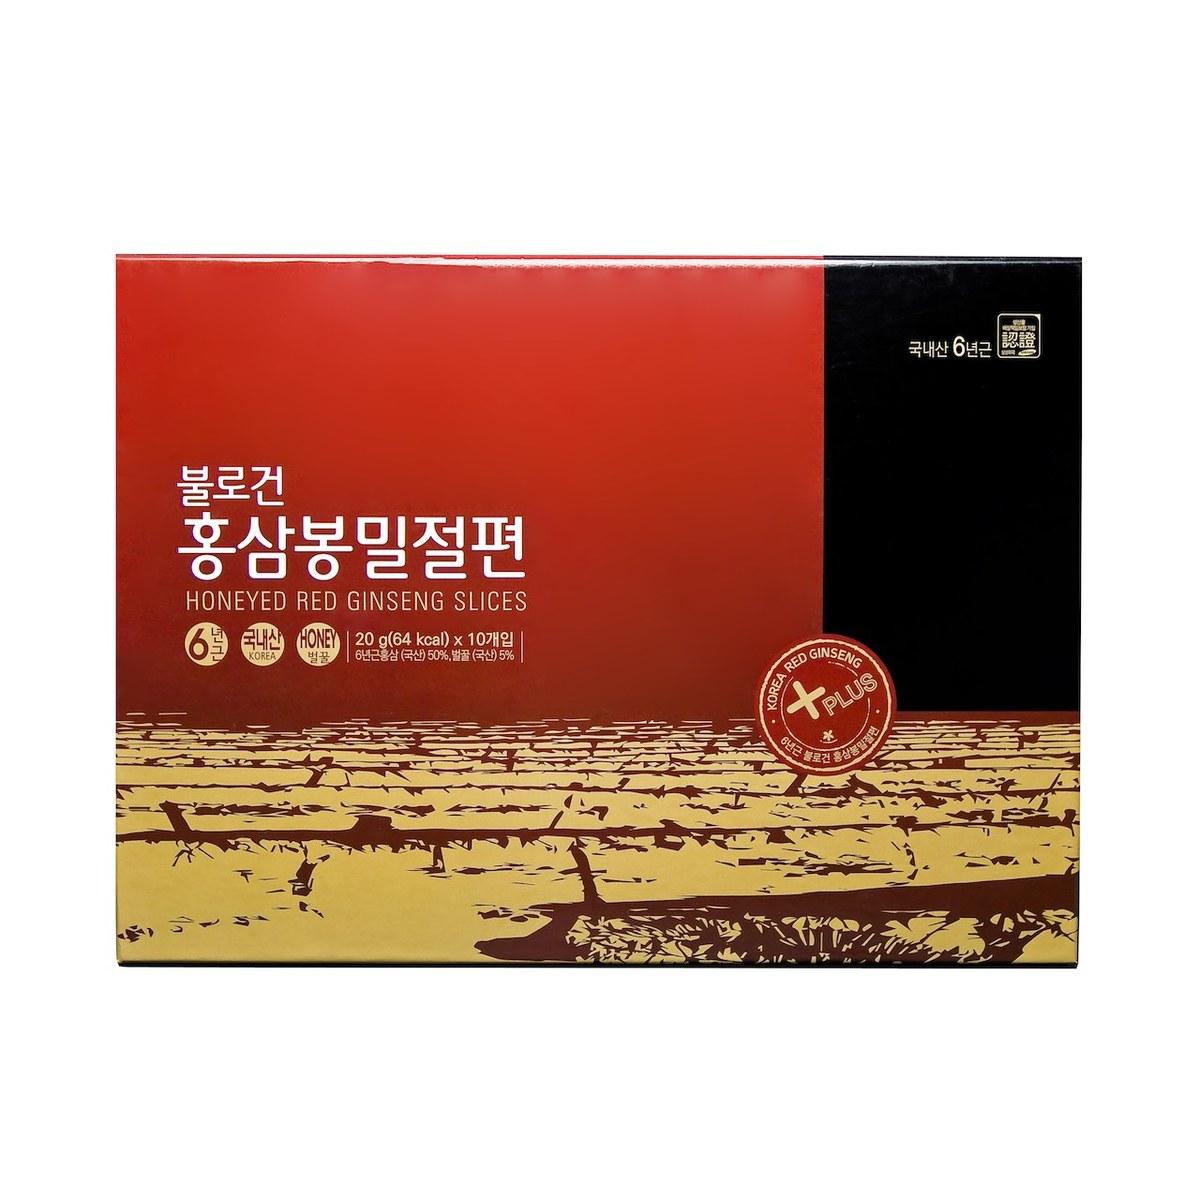 高麗蜂蜜紅蔘切片 禮盒裝